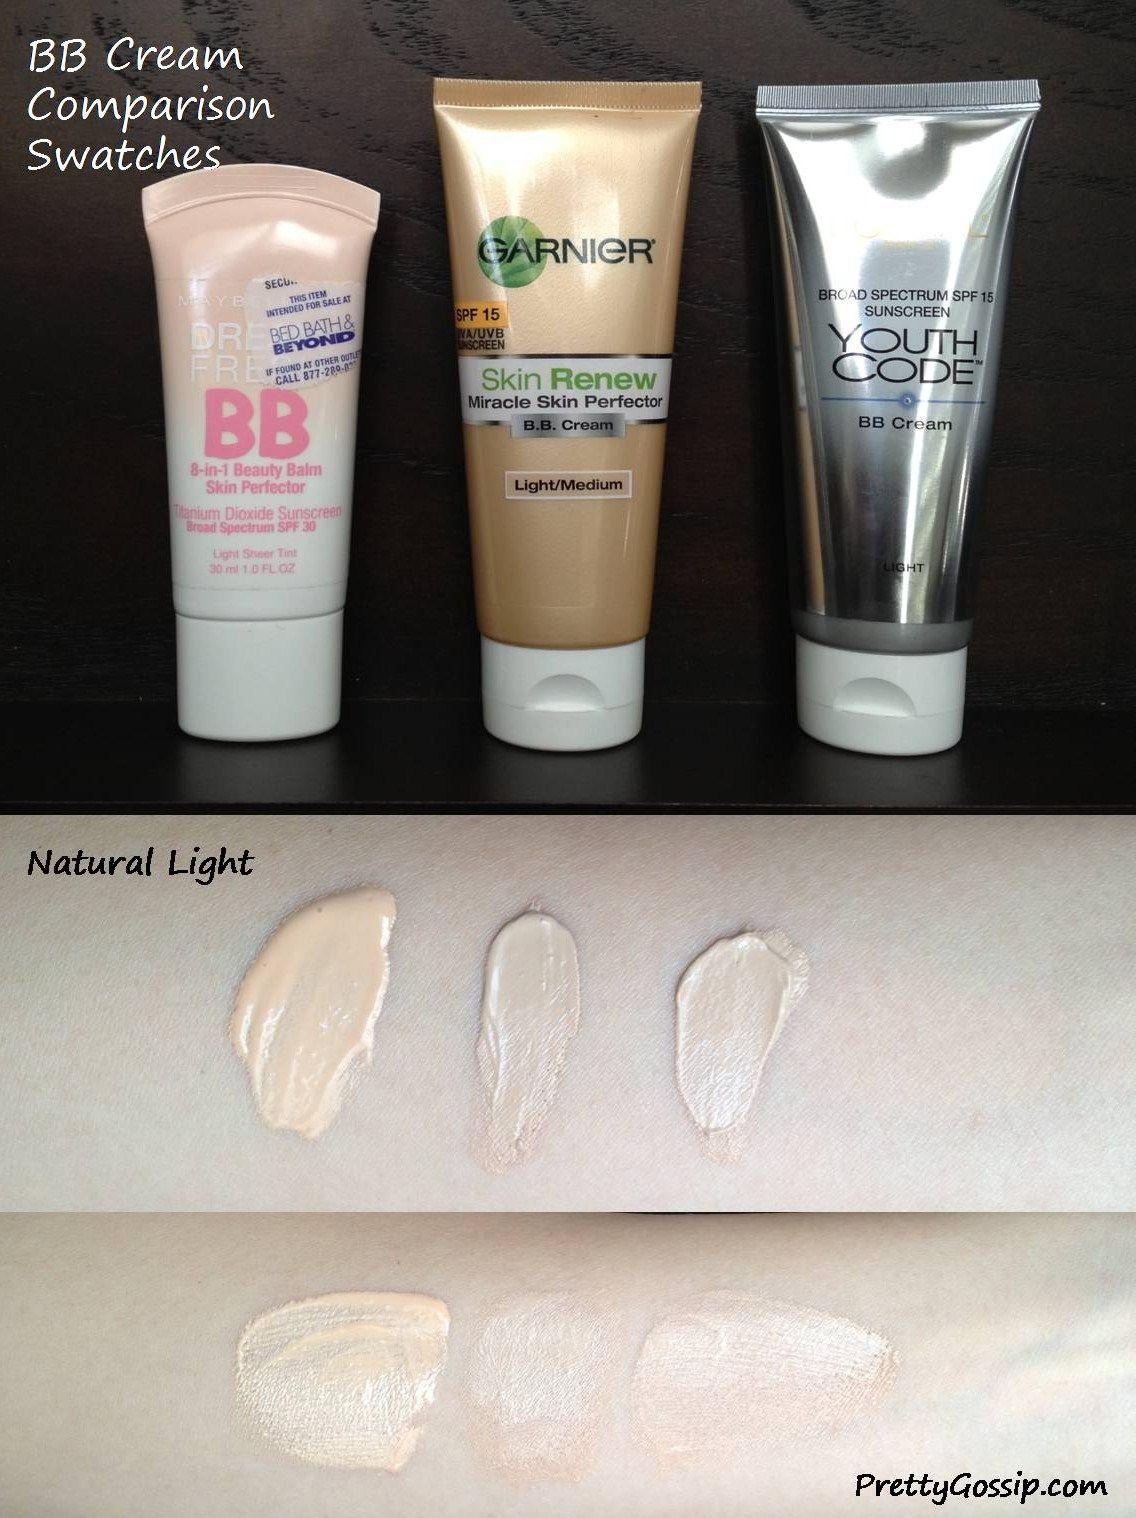 Prettygossip Bb Cream Swatches Loreal Garnier Maybelline Skin